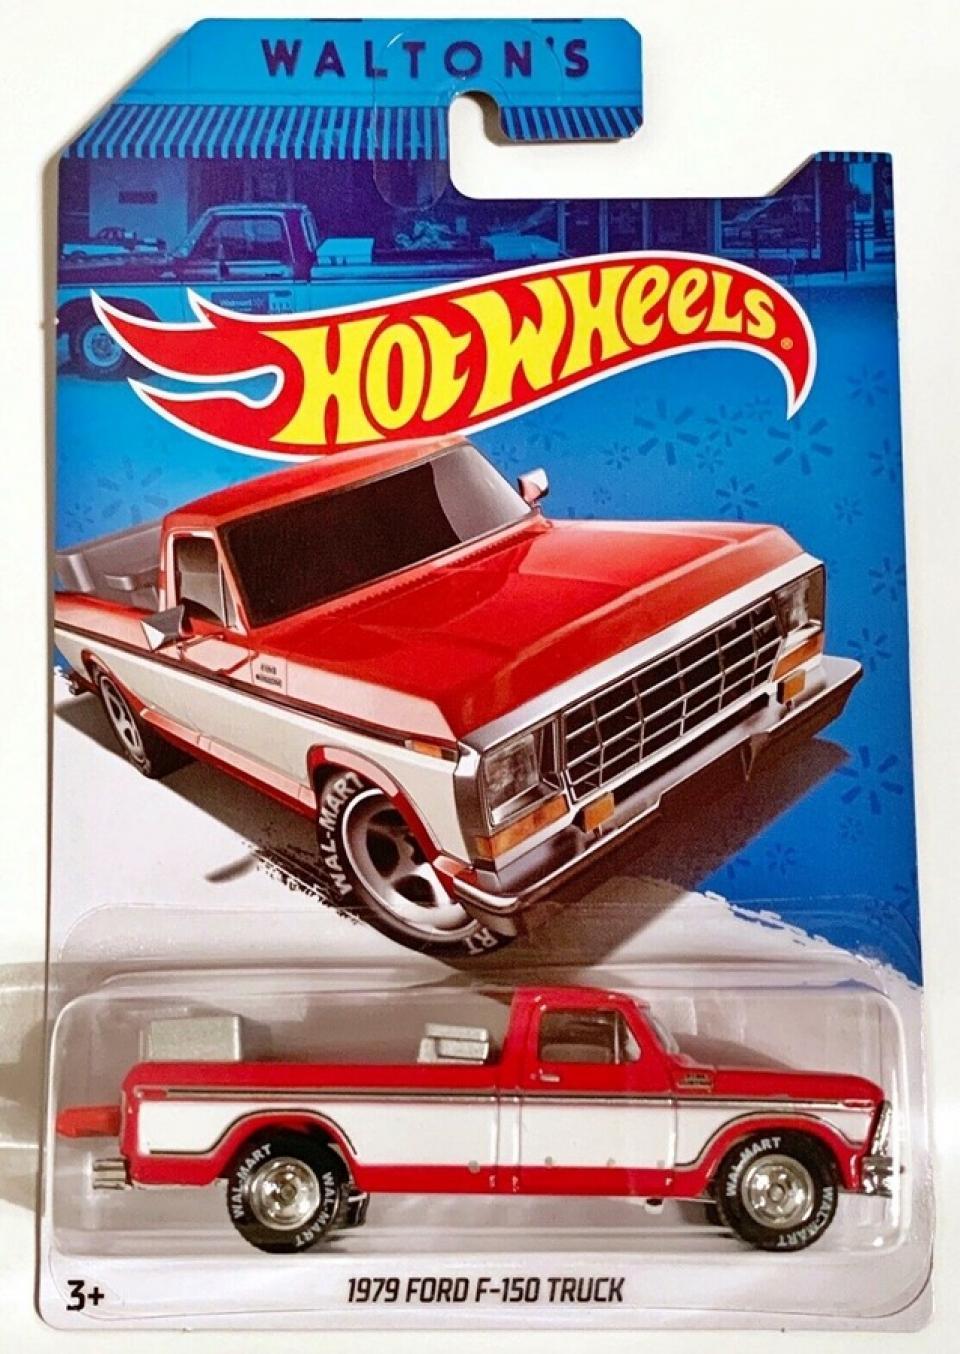 Hot Wheels 1979 Ford F-150 Truck Sam Walton